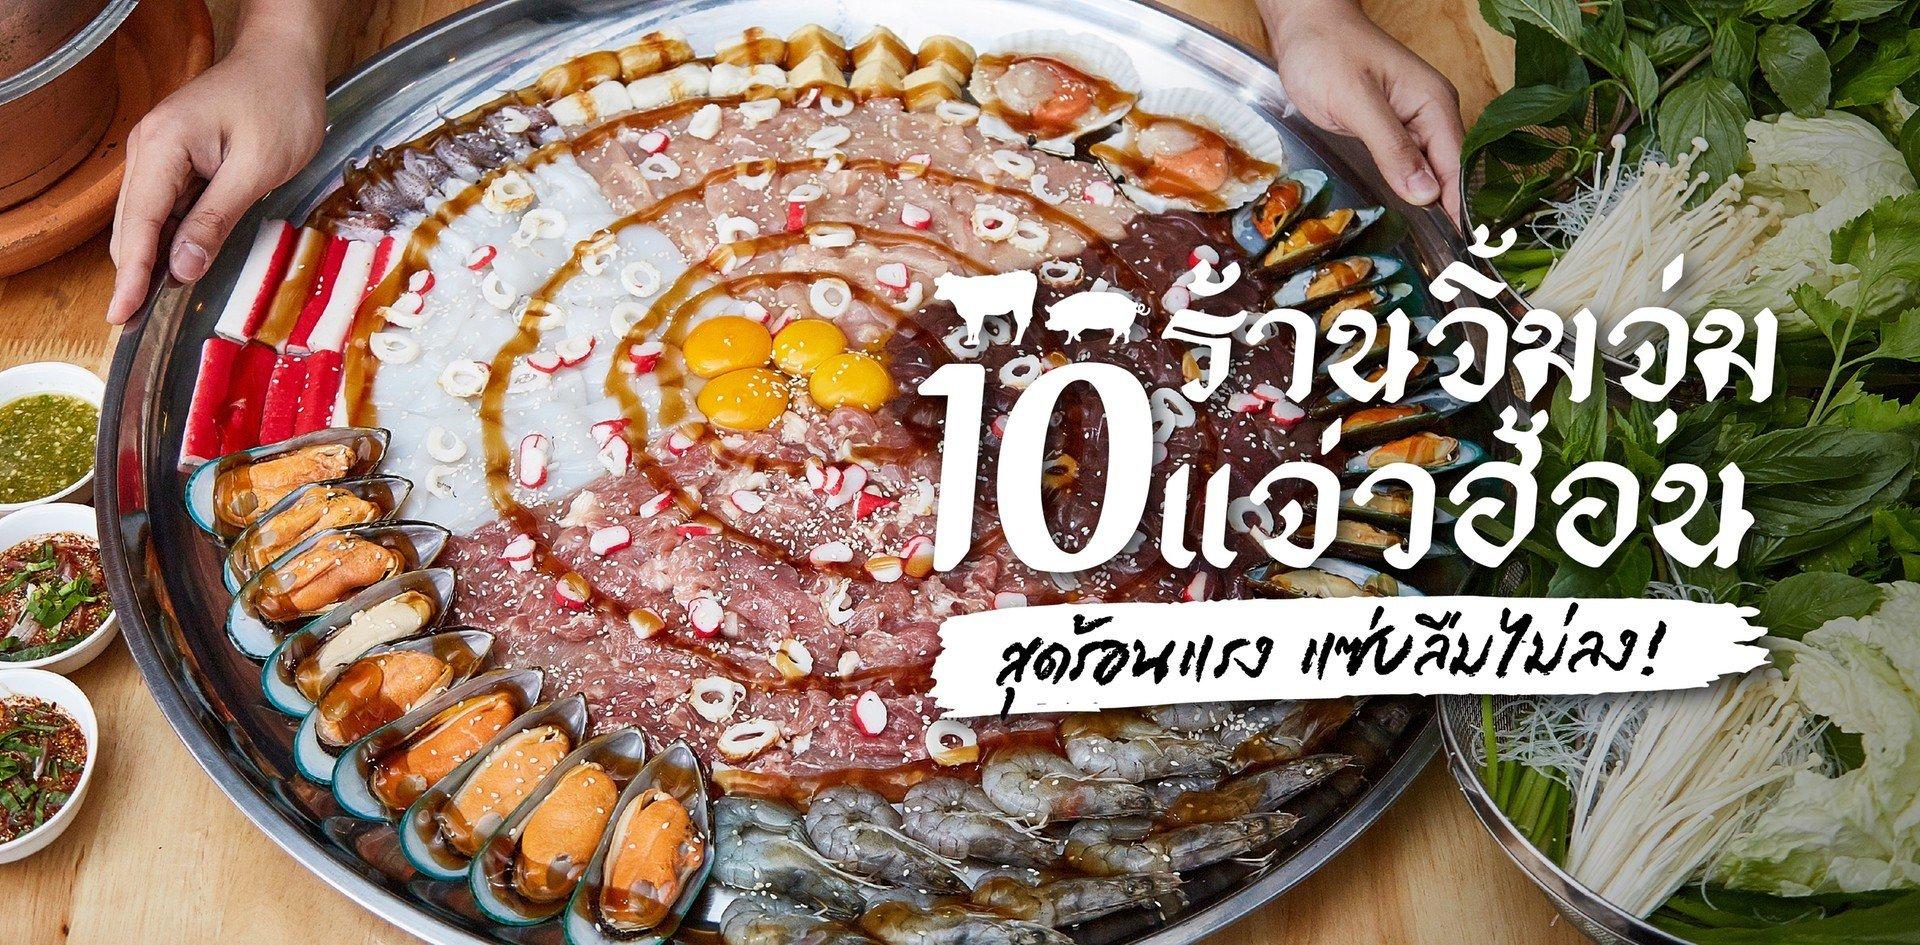 10 ร้านจิ้มจุ่ม-แจ่วฮ้อน สุดร้อนแรง แซ่บลืมไม่ลง!